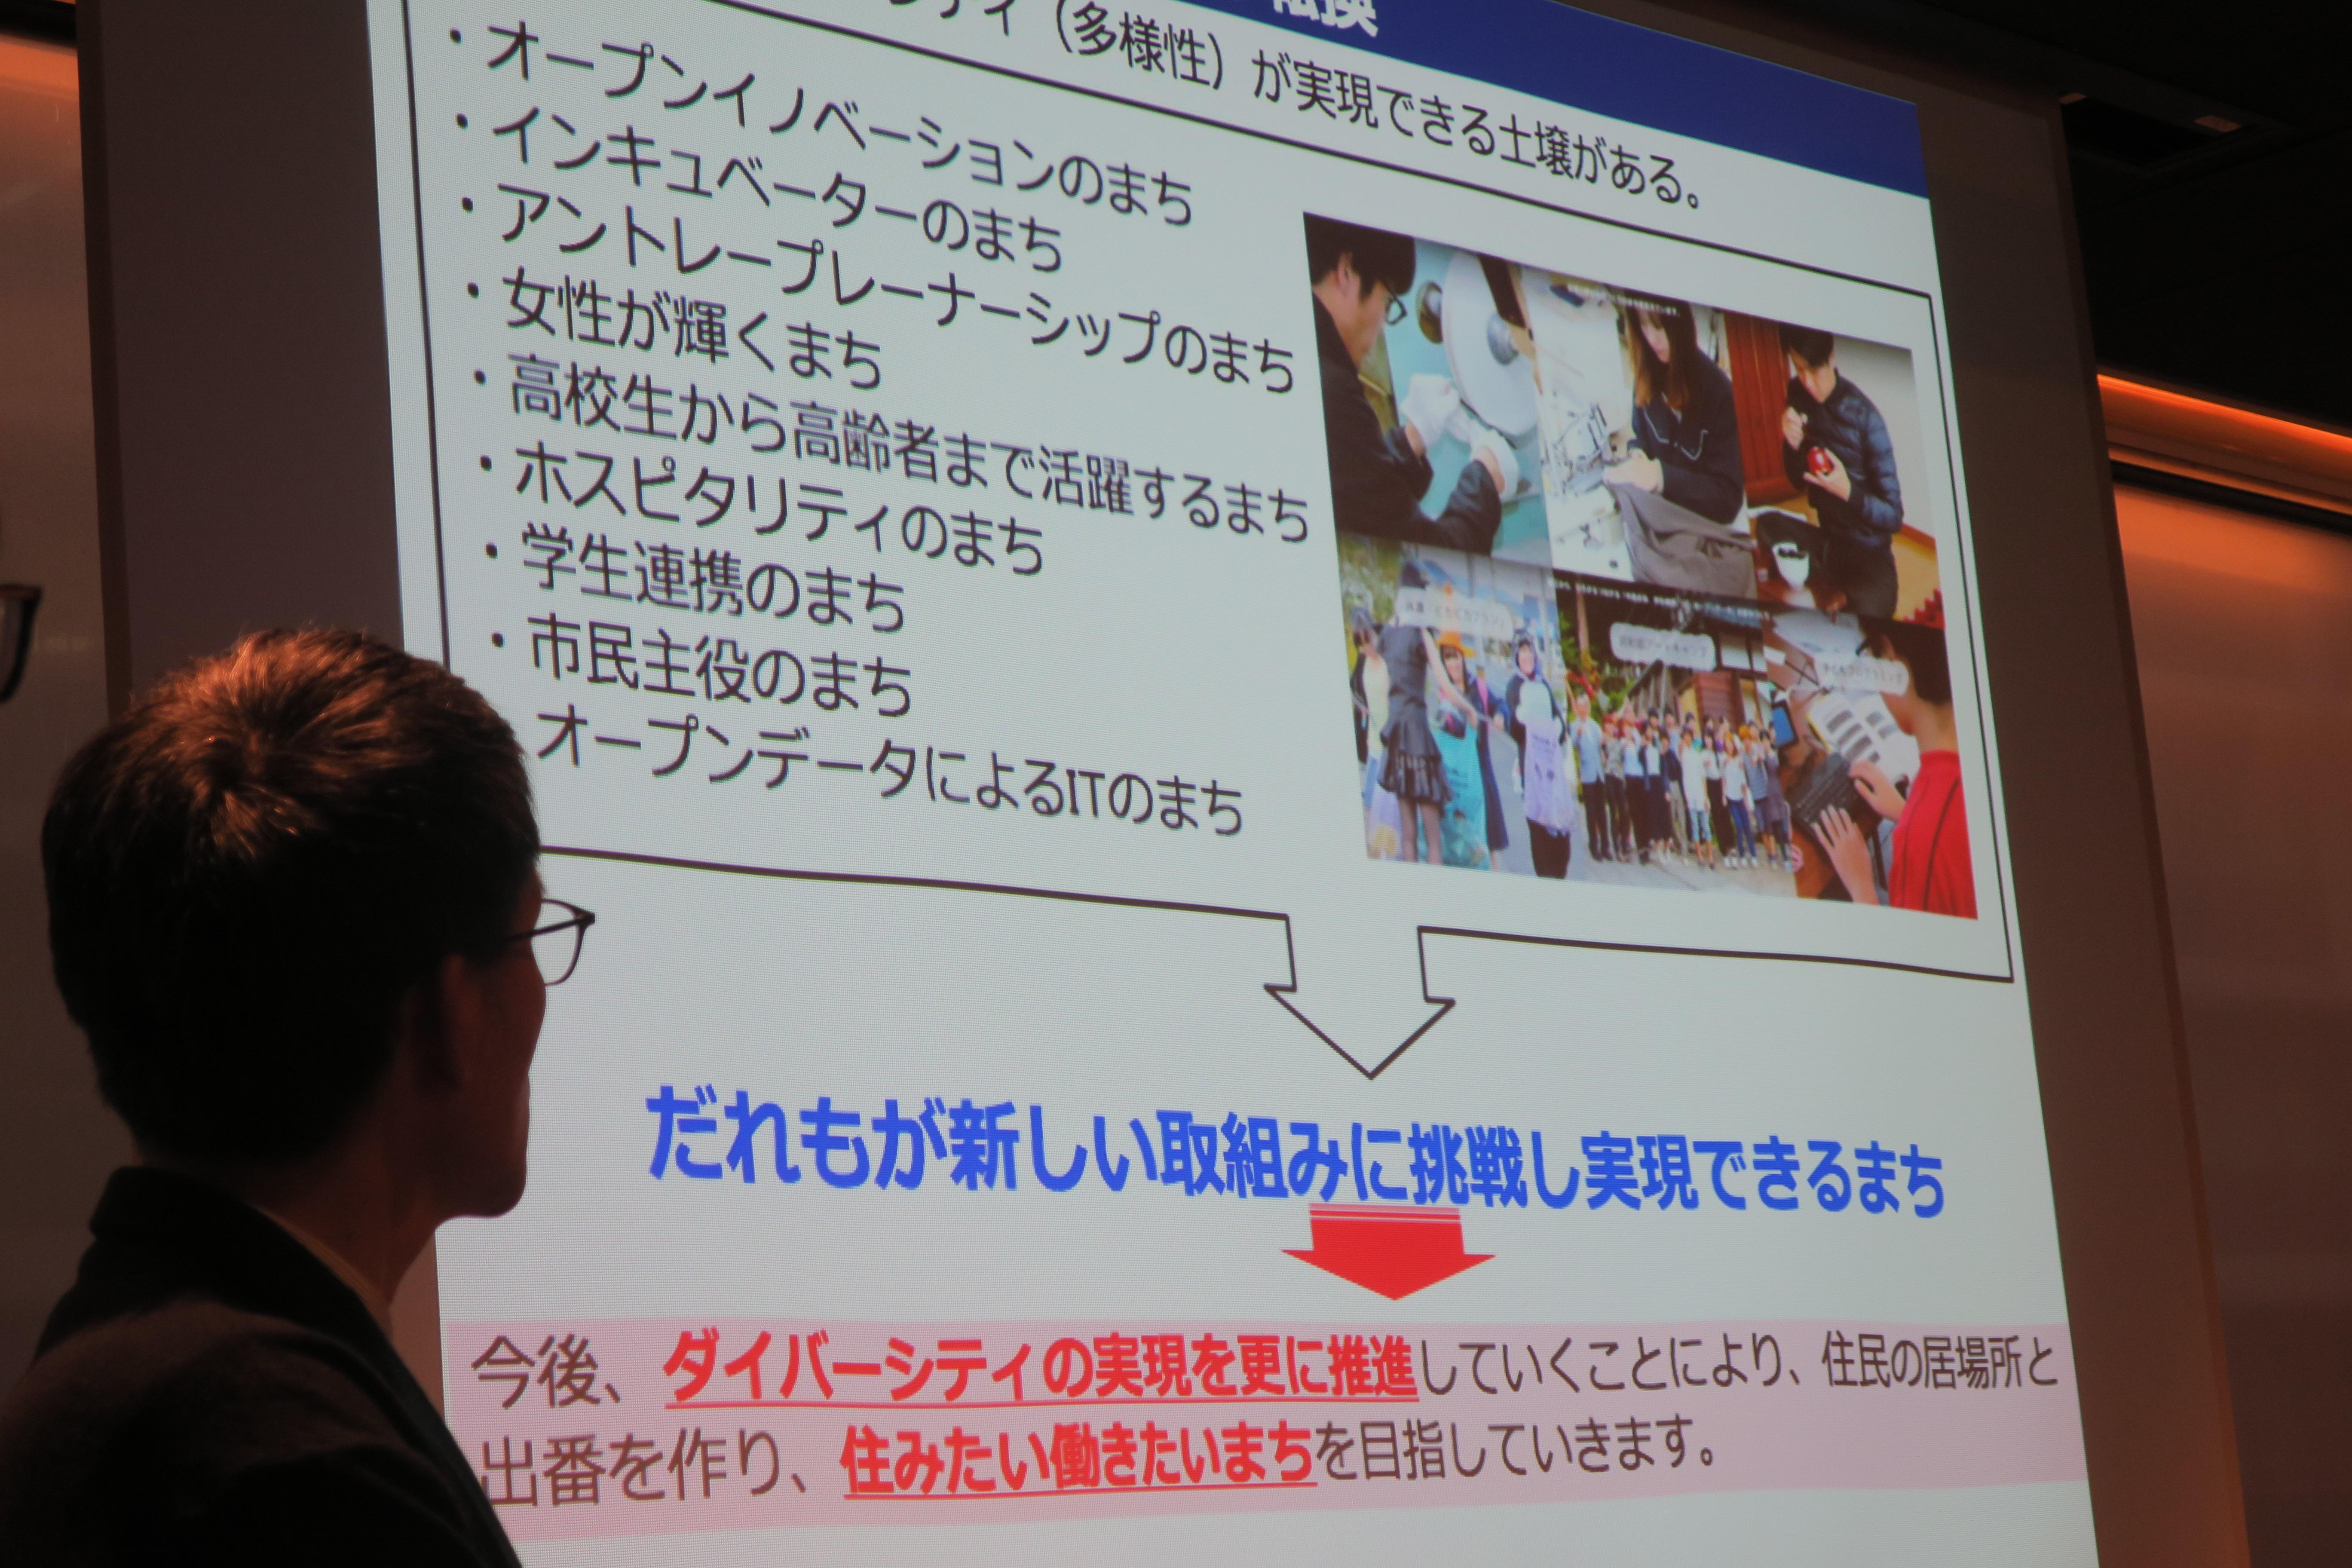 https://blogs.itmedia.co.jp/honjo/IMG_5166.JPG